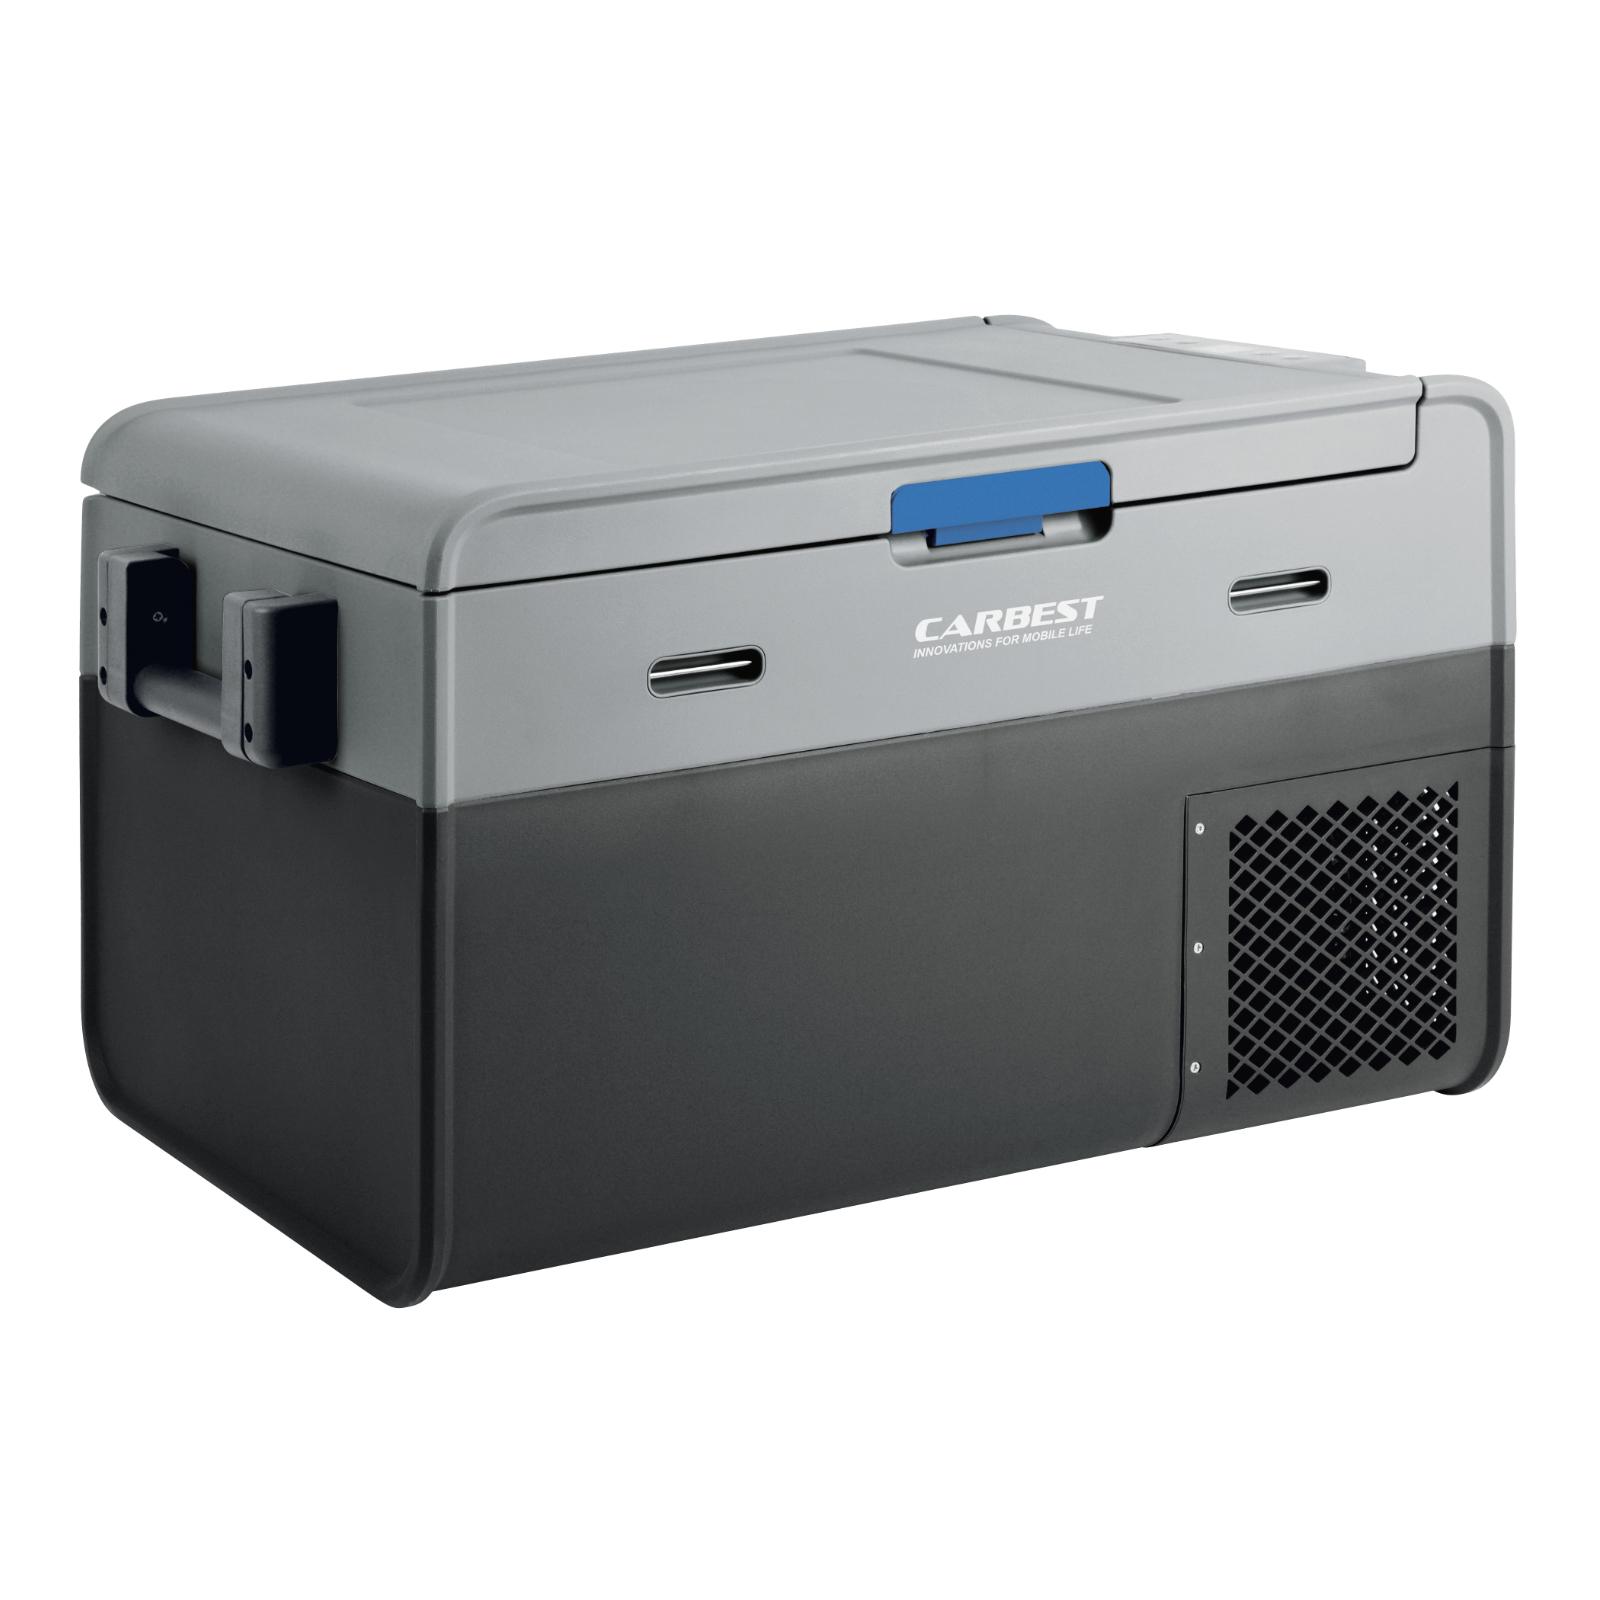 Kompressor Kühlbox | 35 LTR | 12/24 V | 230 V Adapter | -18 °C | Batterieschutz